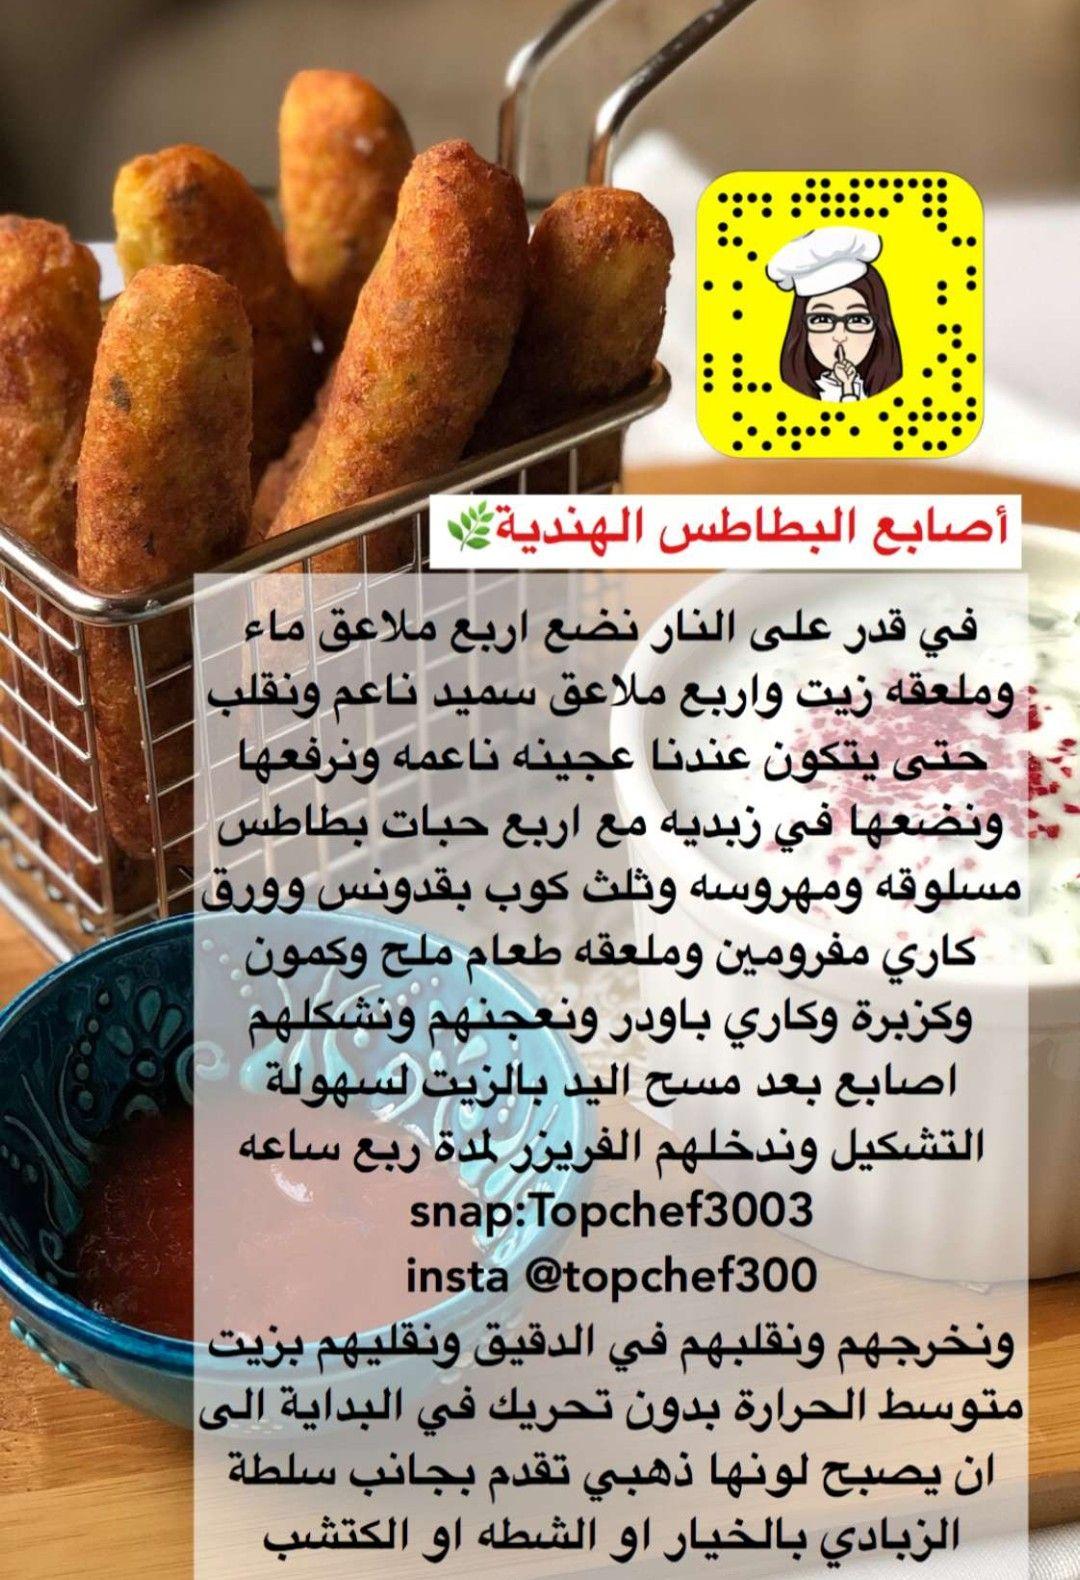 وصفات مقترحة سهلة سريعة لشهر رمضان اكلات رمضانية وصفات متنوعة Recettes Facile Youtube Food Arabic Food Cooking